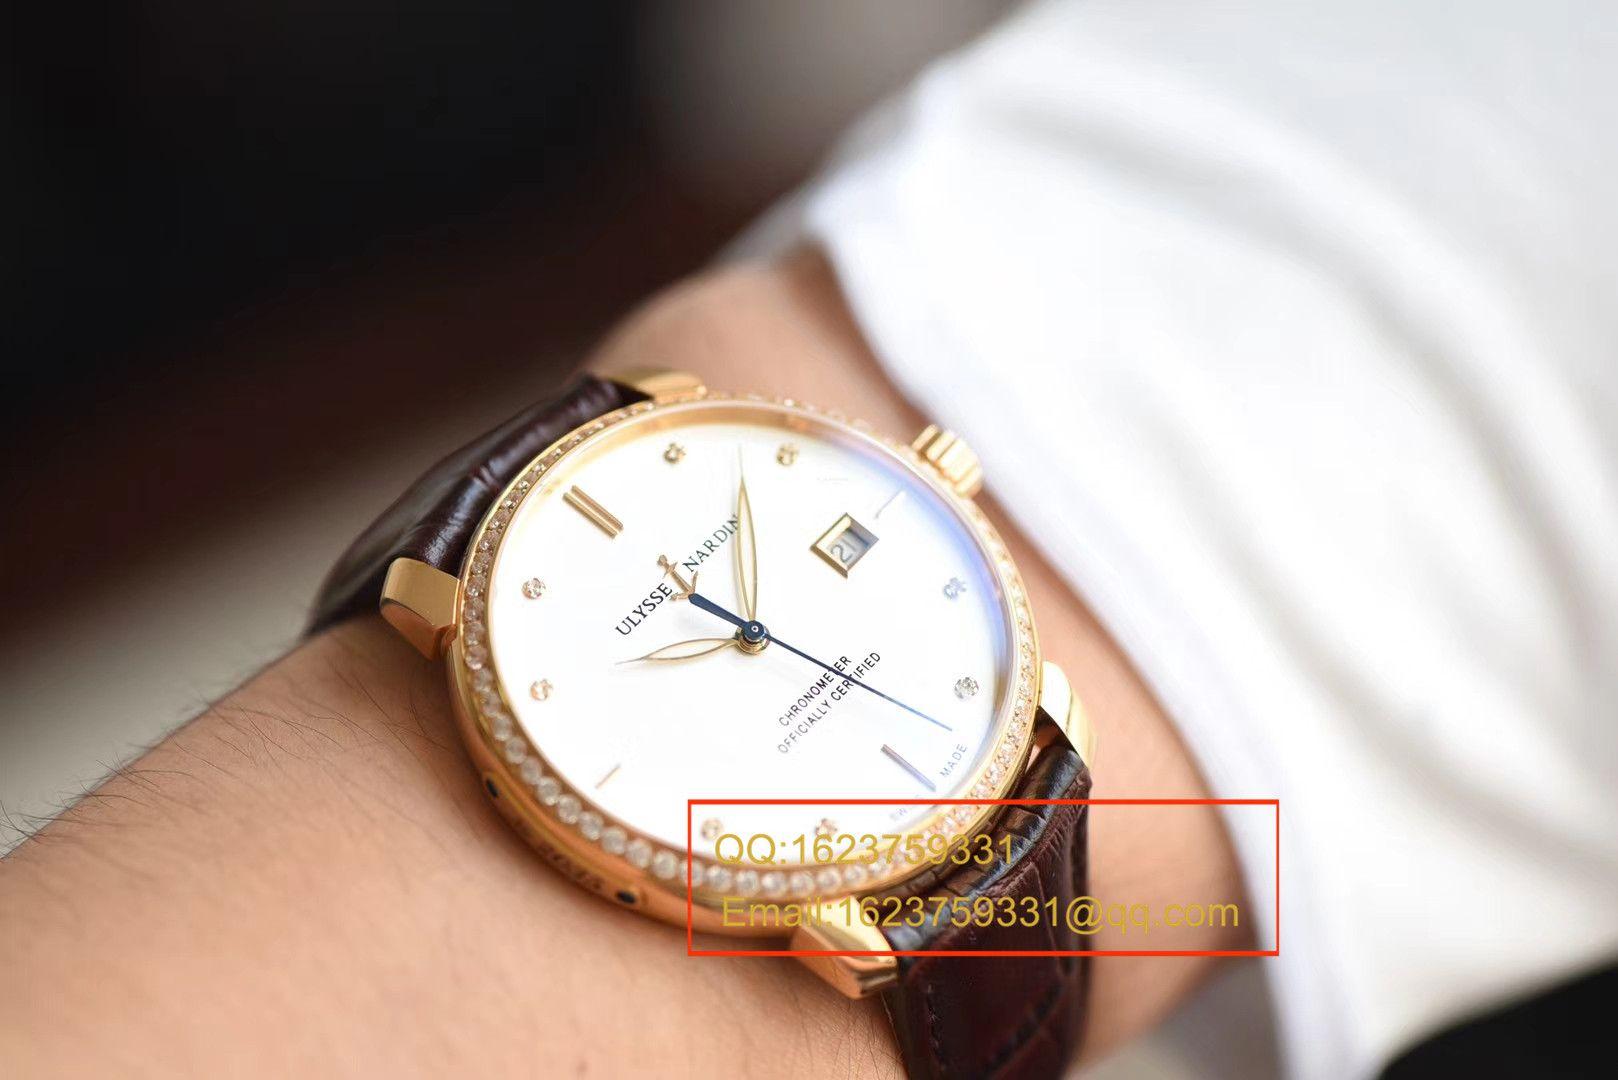 【FK厂顶级复刻手表】雅典鎏金系列8156-111-2/92 表圈镶钻腕表 / YD011